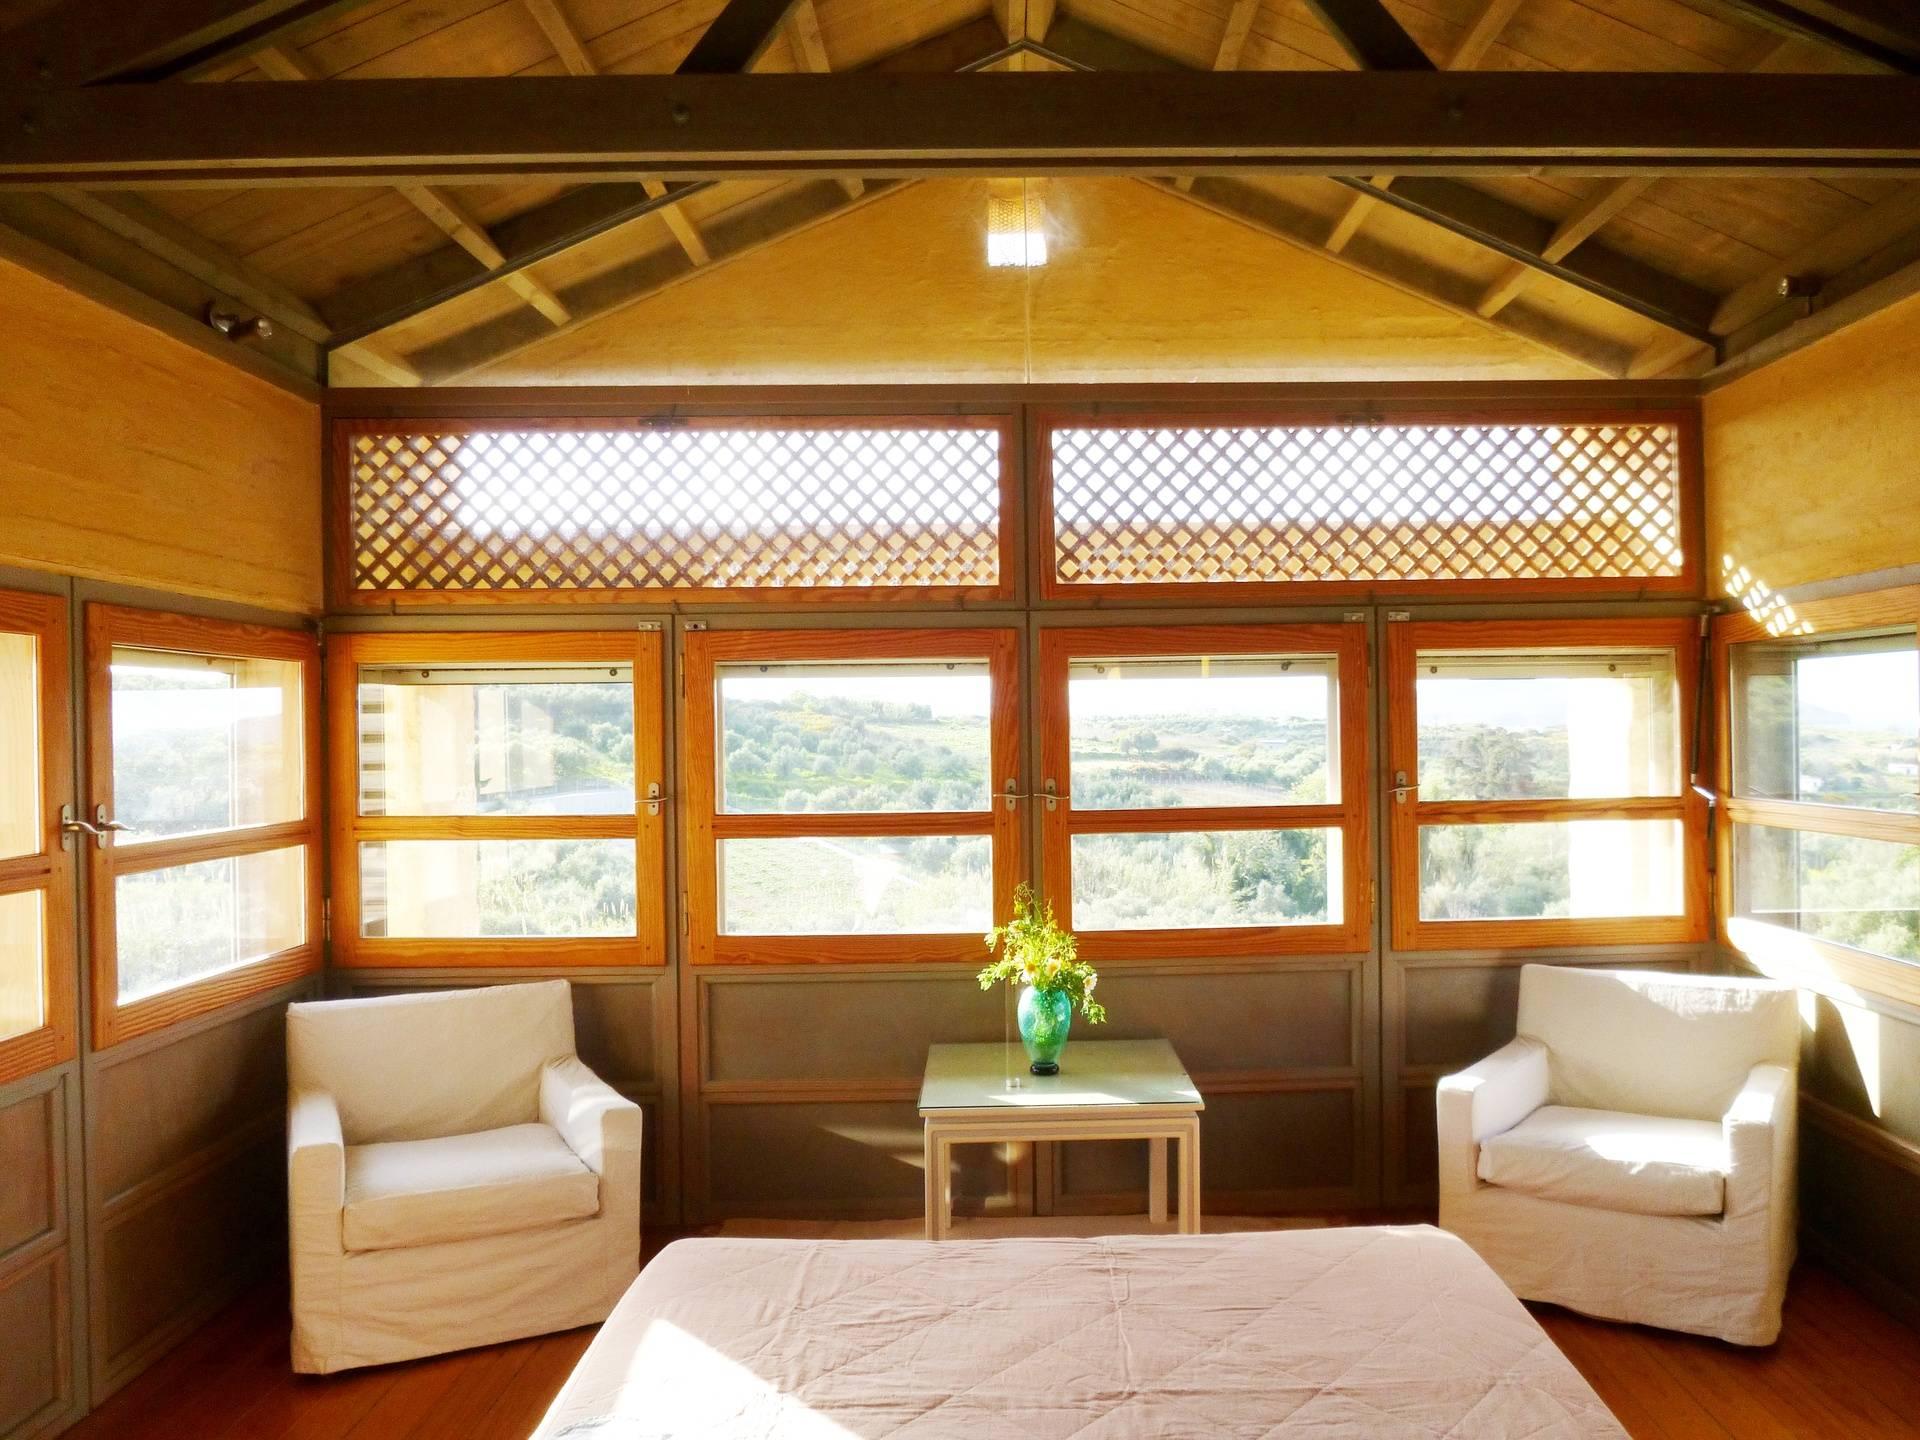 upper floor: master bedroom